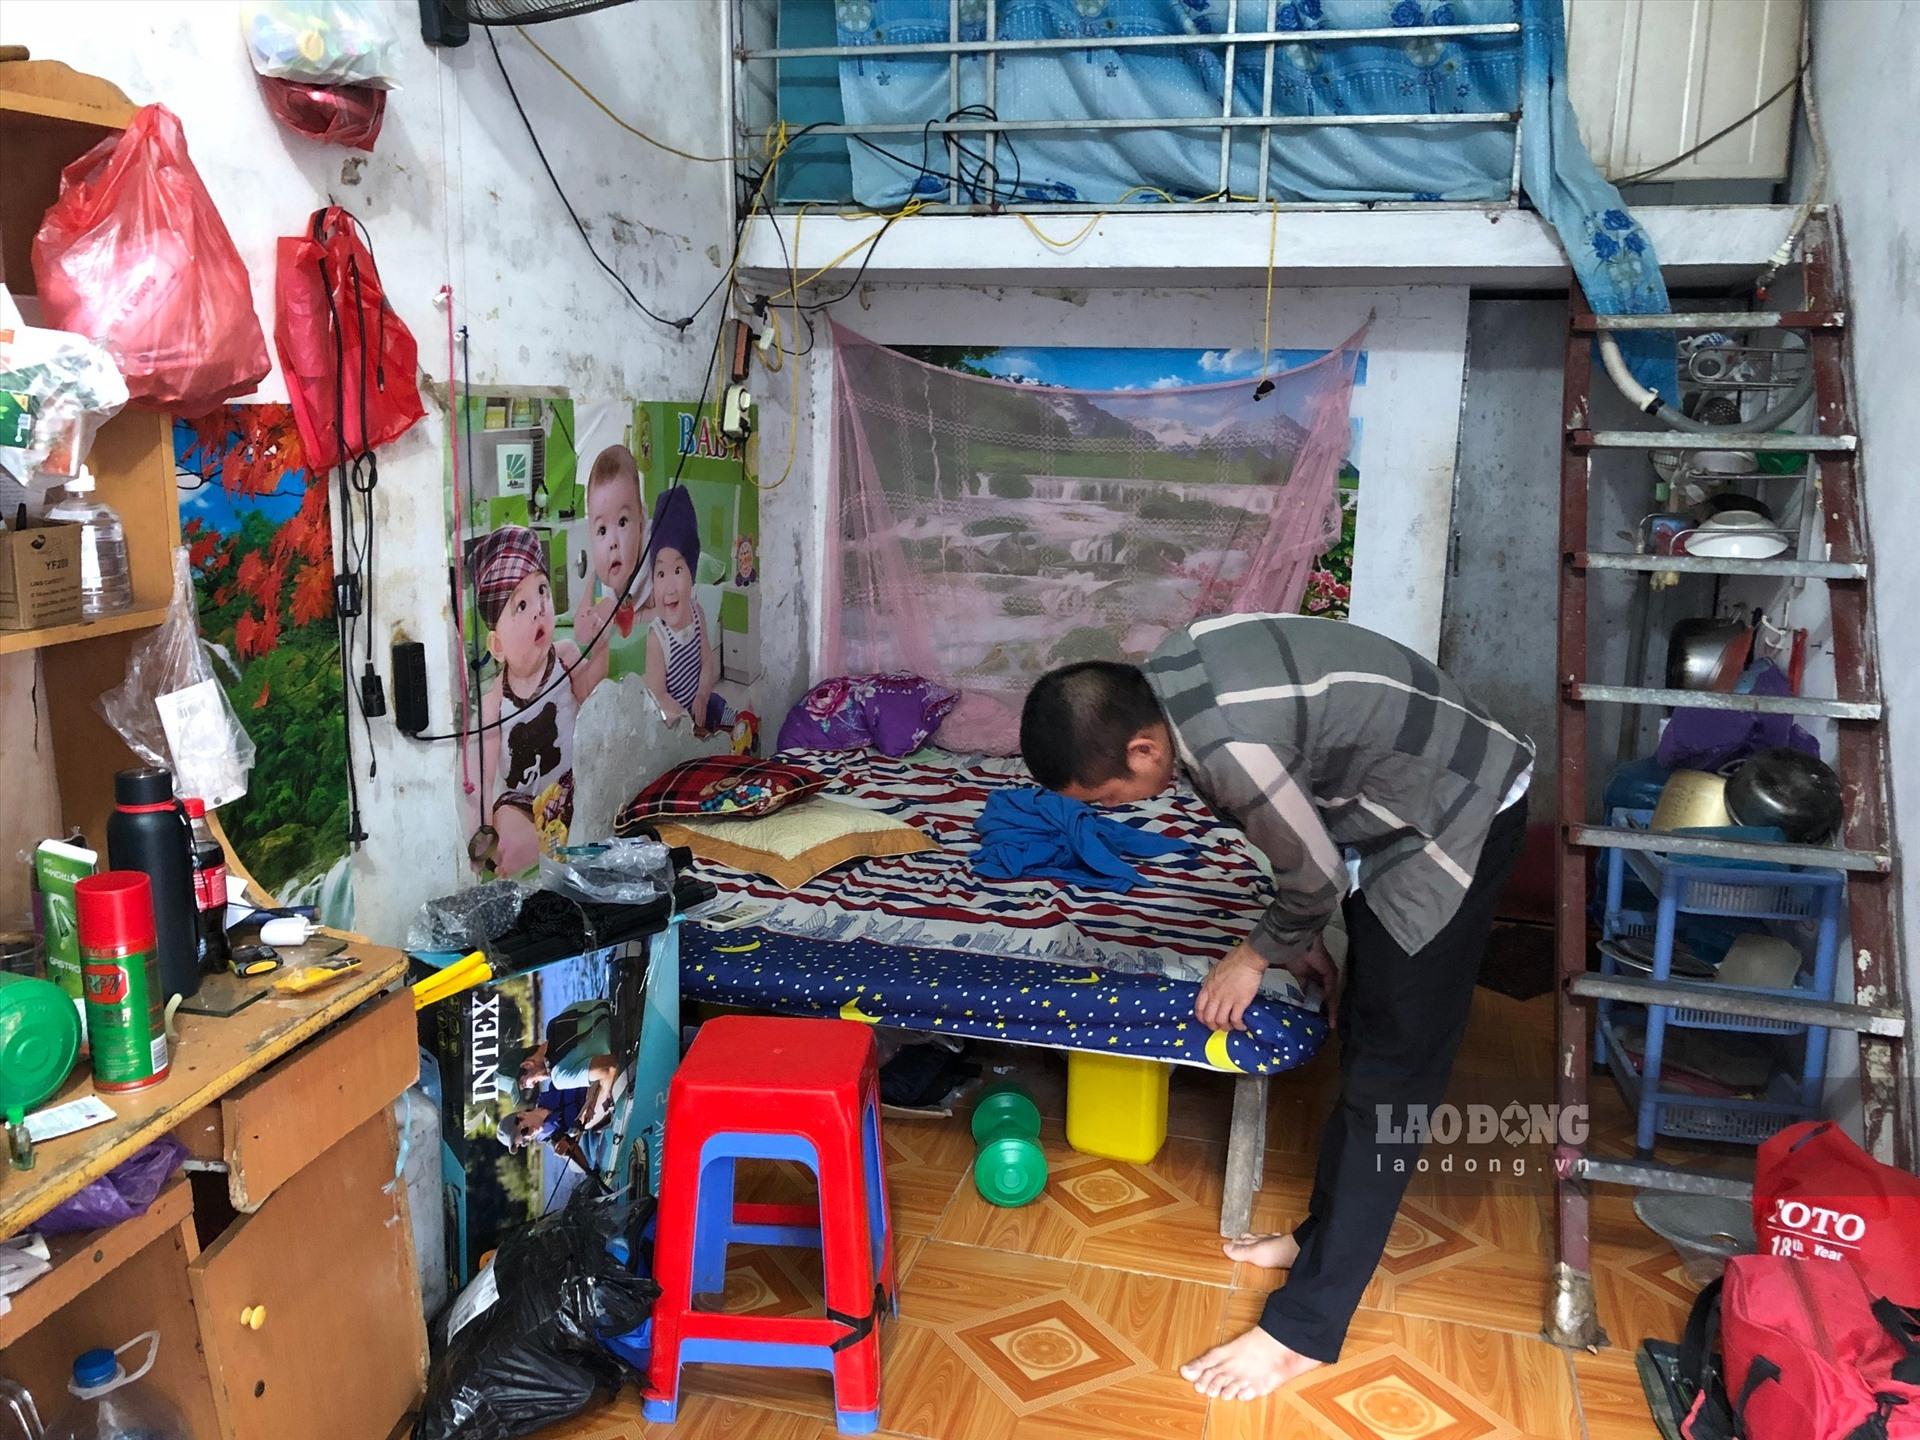 can canh noi o thieu thon va xuong cap cua cong nhan khu cong nghiep